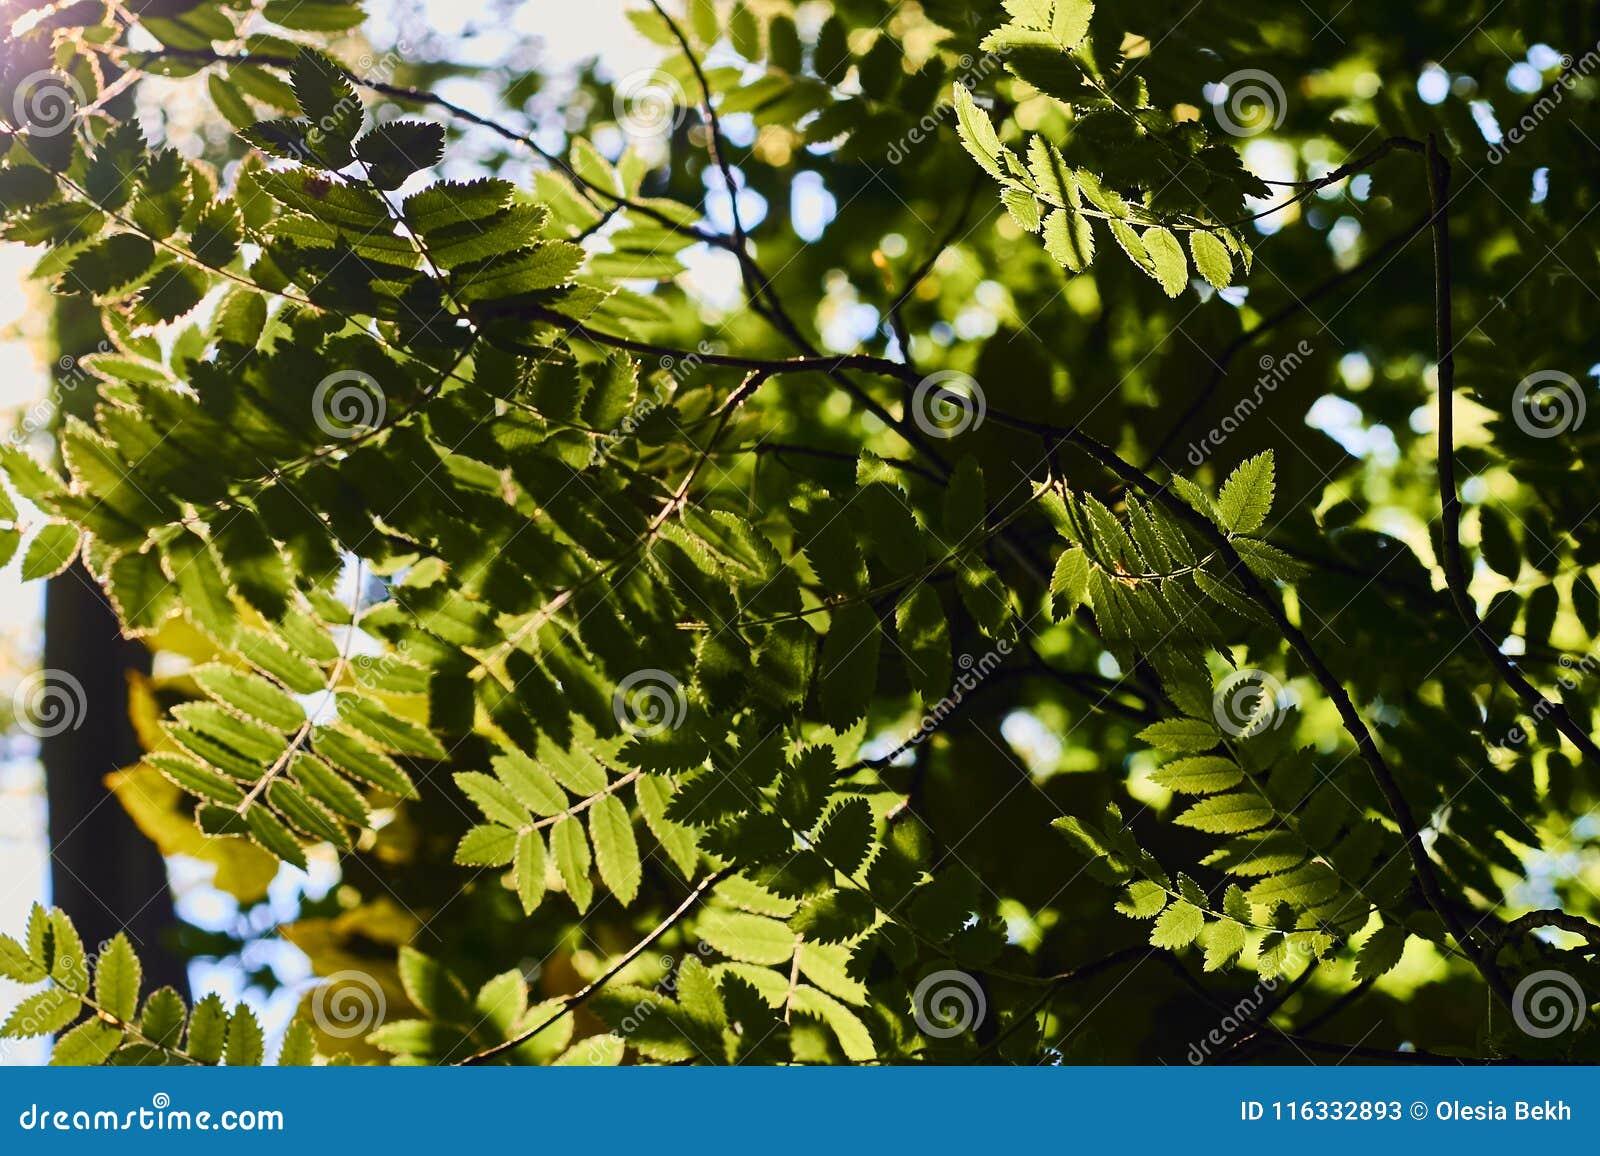 Κλείστε επάνω των φρέσκων πράσινων φύλλων που φωτίζονται από το φως του ήλιου